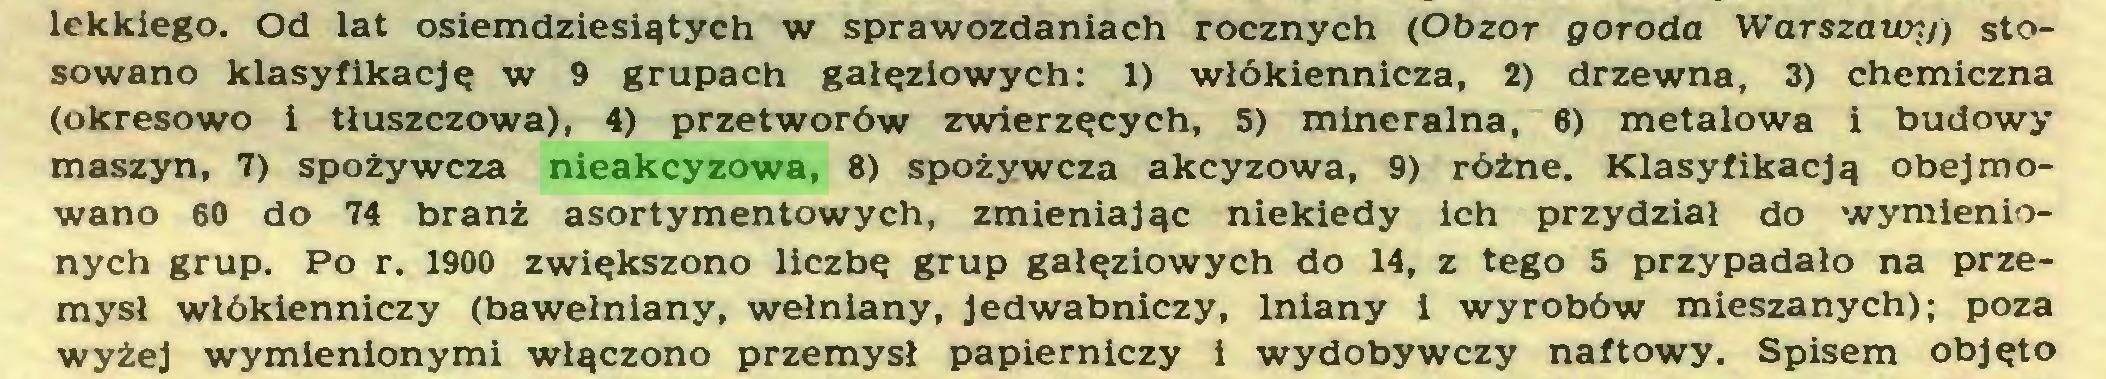 (...) lekkiego. Od lat osiemdziesiątych w sprawozdaniach rocznych (Obzor goroda Warszawy) stosowano klasyfikację w 9 grupach gałęziowych: 1) włókiennicza, 2) drzewna, 3) chemiczna (okresowo i tłuszczowa), 4) przetworów zwierzęcych, 5) mineralna, 6) metalowa i budowy maszyn, 7) spożywcza nieakcyzowa, 8) spożywcza akcyzowa, 9) różne. Klasyfikacją obejmowano 60 do 74 branż asortymentowych, zmieniając niekiedy ich przydział do wymienionych grup. Po r. 1900 zwiększono liczbę grup gałęziowych do 14, z tego 5 przypadało na przemysł włókienniczy (bawełniany, wełniany, jedwabniczy, lniany i wyrobów mieszanych); poza wyżej wymienionymi włączono przemysł papierniczy i wydobywczy naftowy. Spisem objęto...